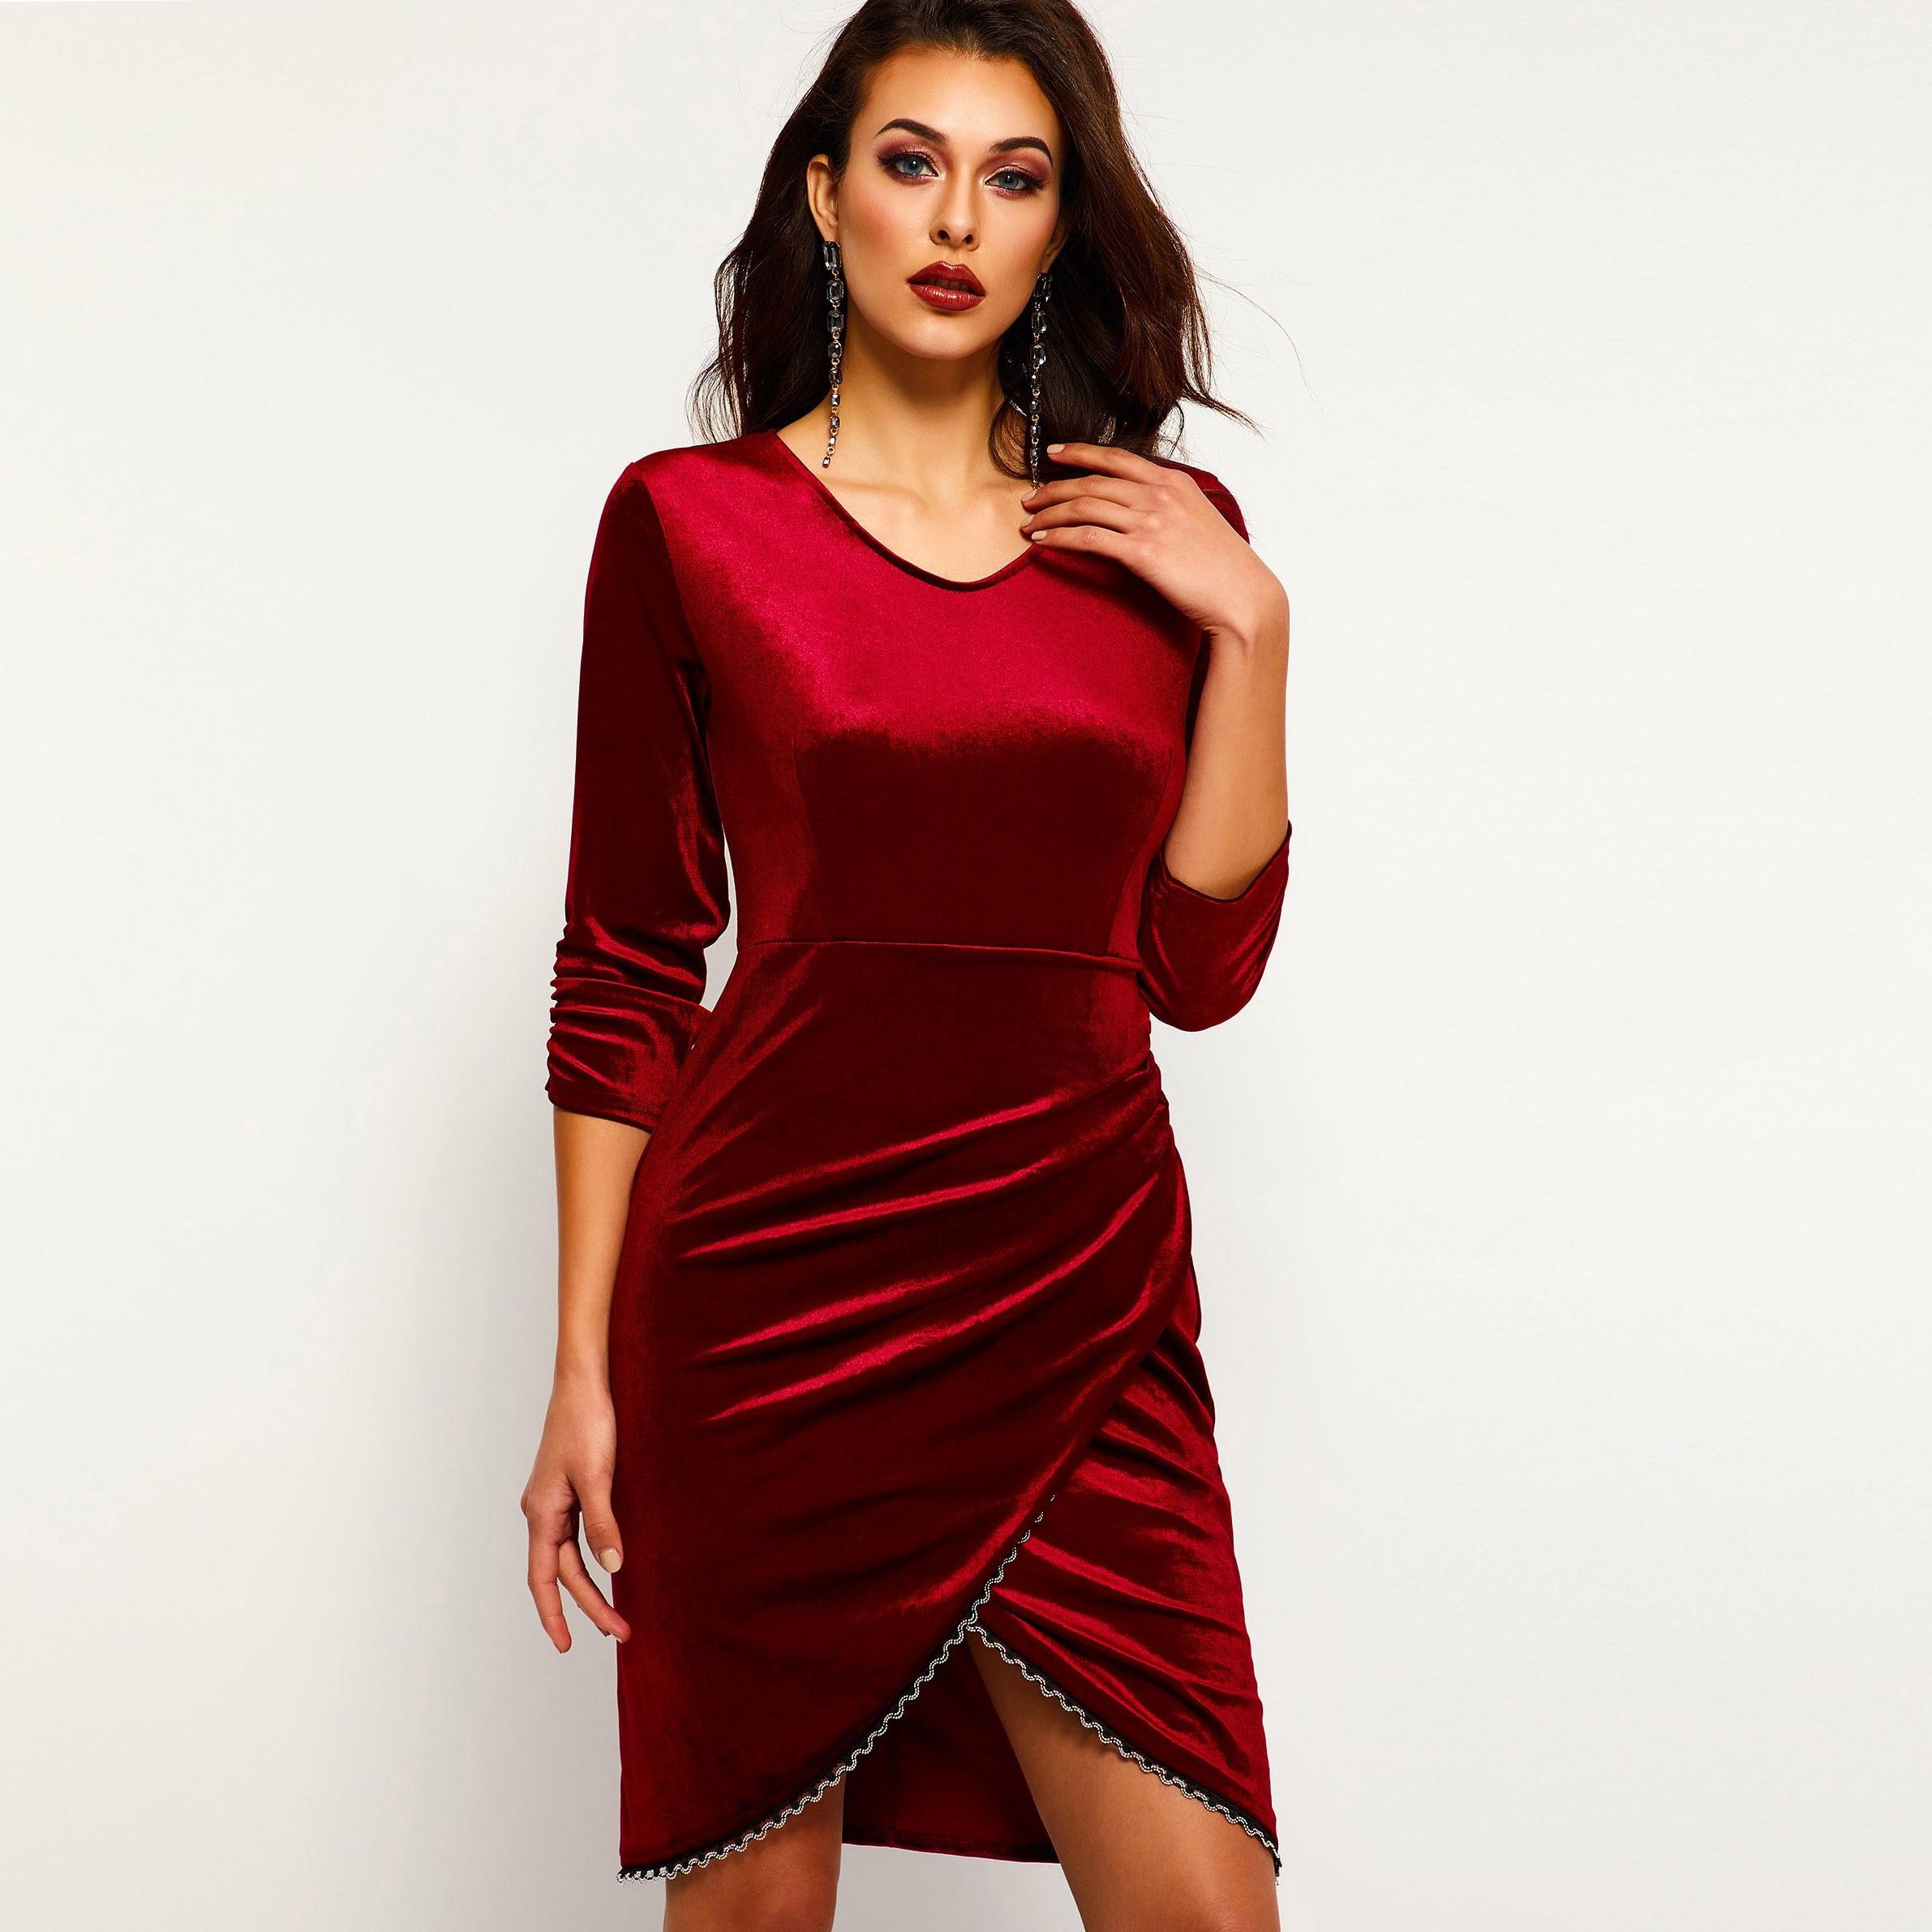 f46cd08fbabc Sexy Molli Chic Asimmetrico Di Vintage Casual Abiti Cross Signore Velluto  Donne Vestito Rosso A Elegante Pieghe ...